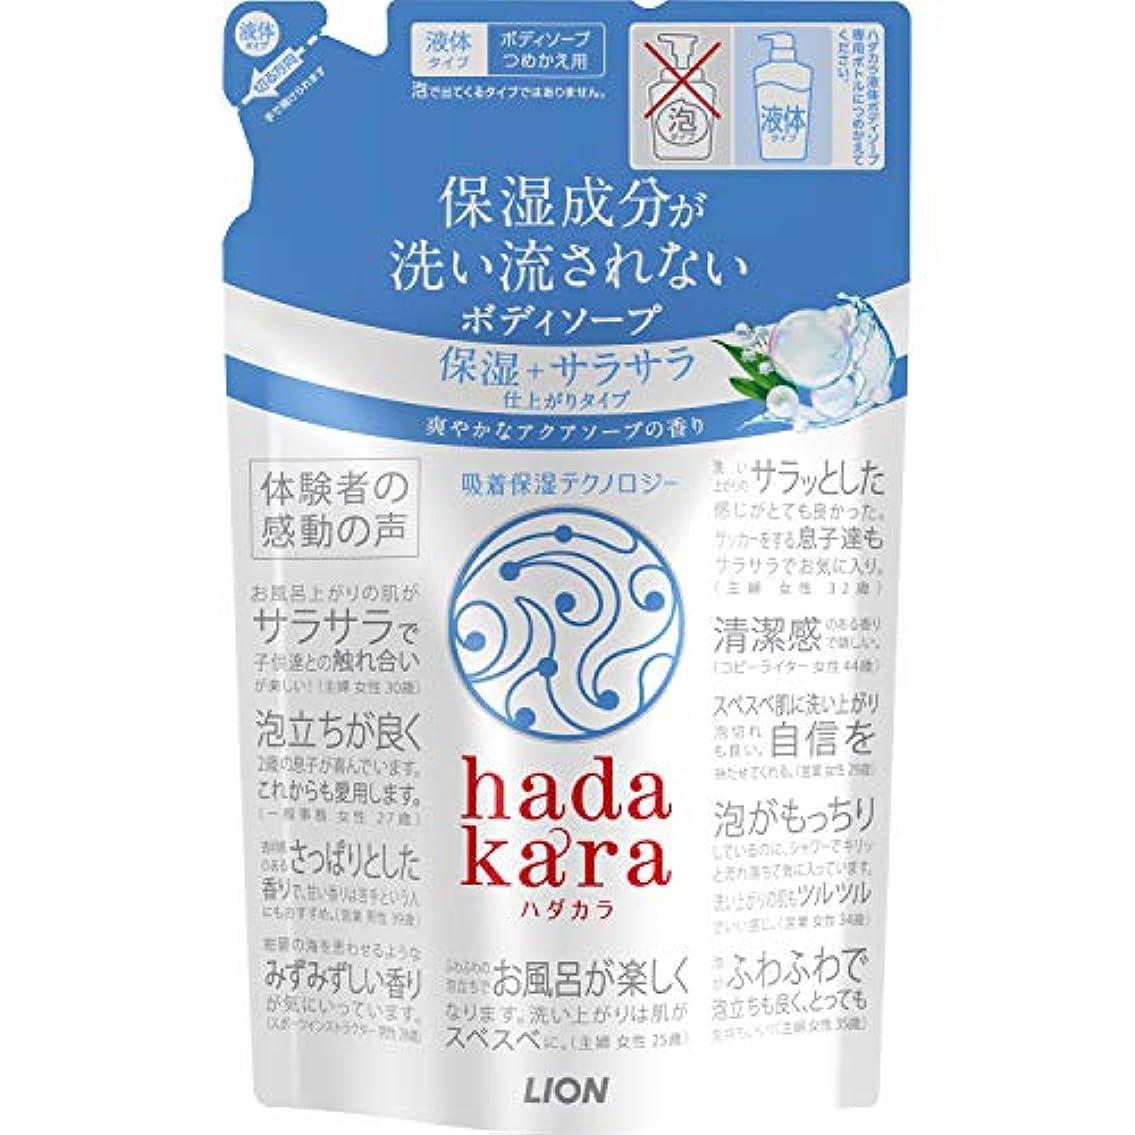 ドアミラー温帯魅惑するhadakara(ハダカラ) ボディソープ 保湿+サラサラ仕上がりタイプ アクアソープの香り 詰め替え 340ml